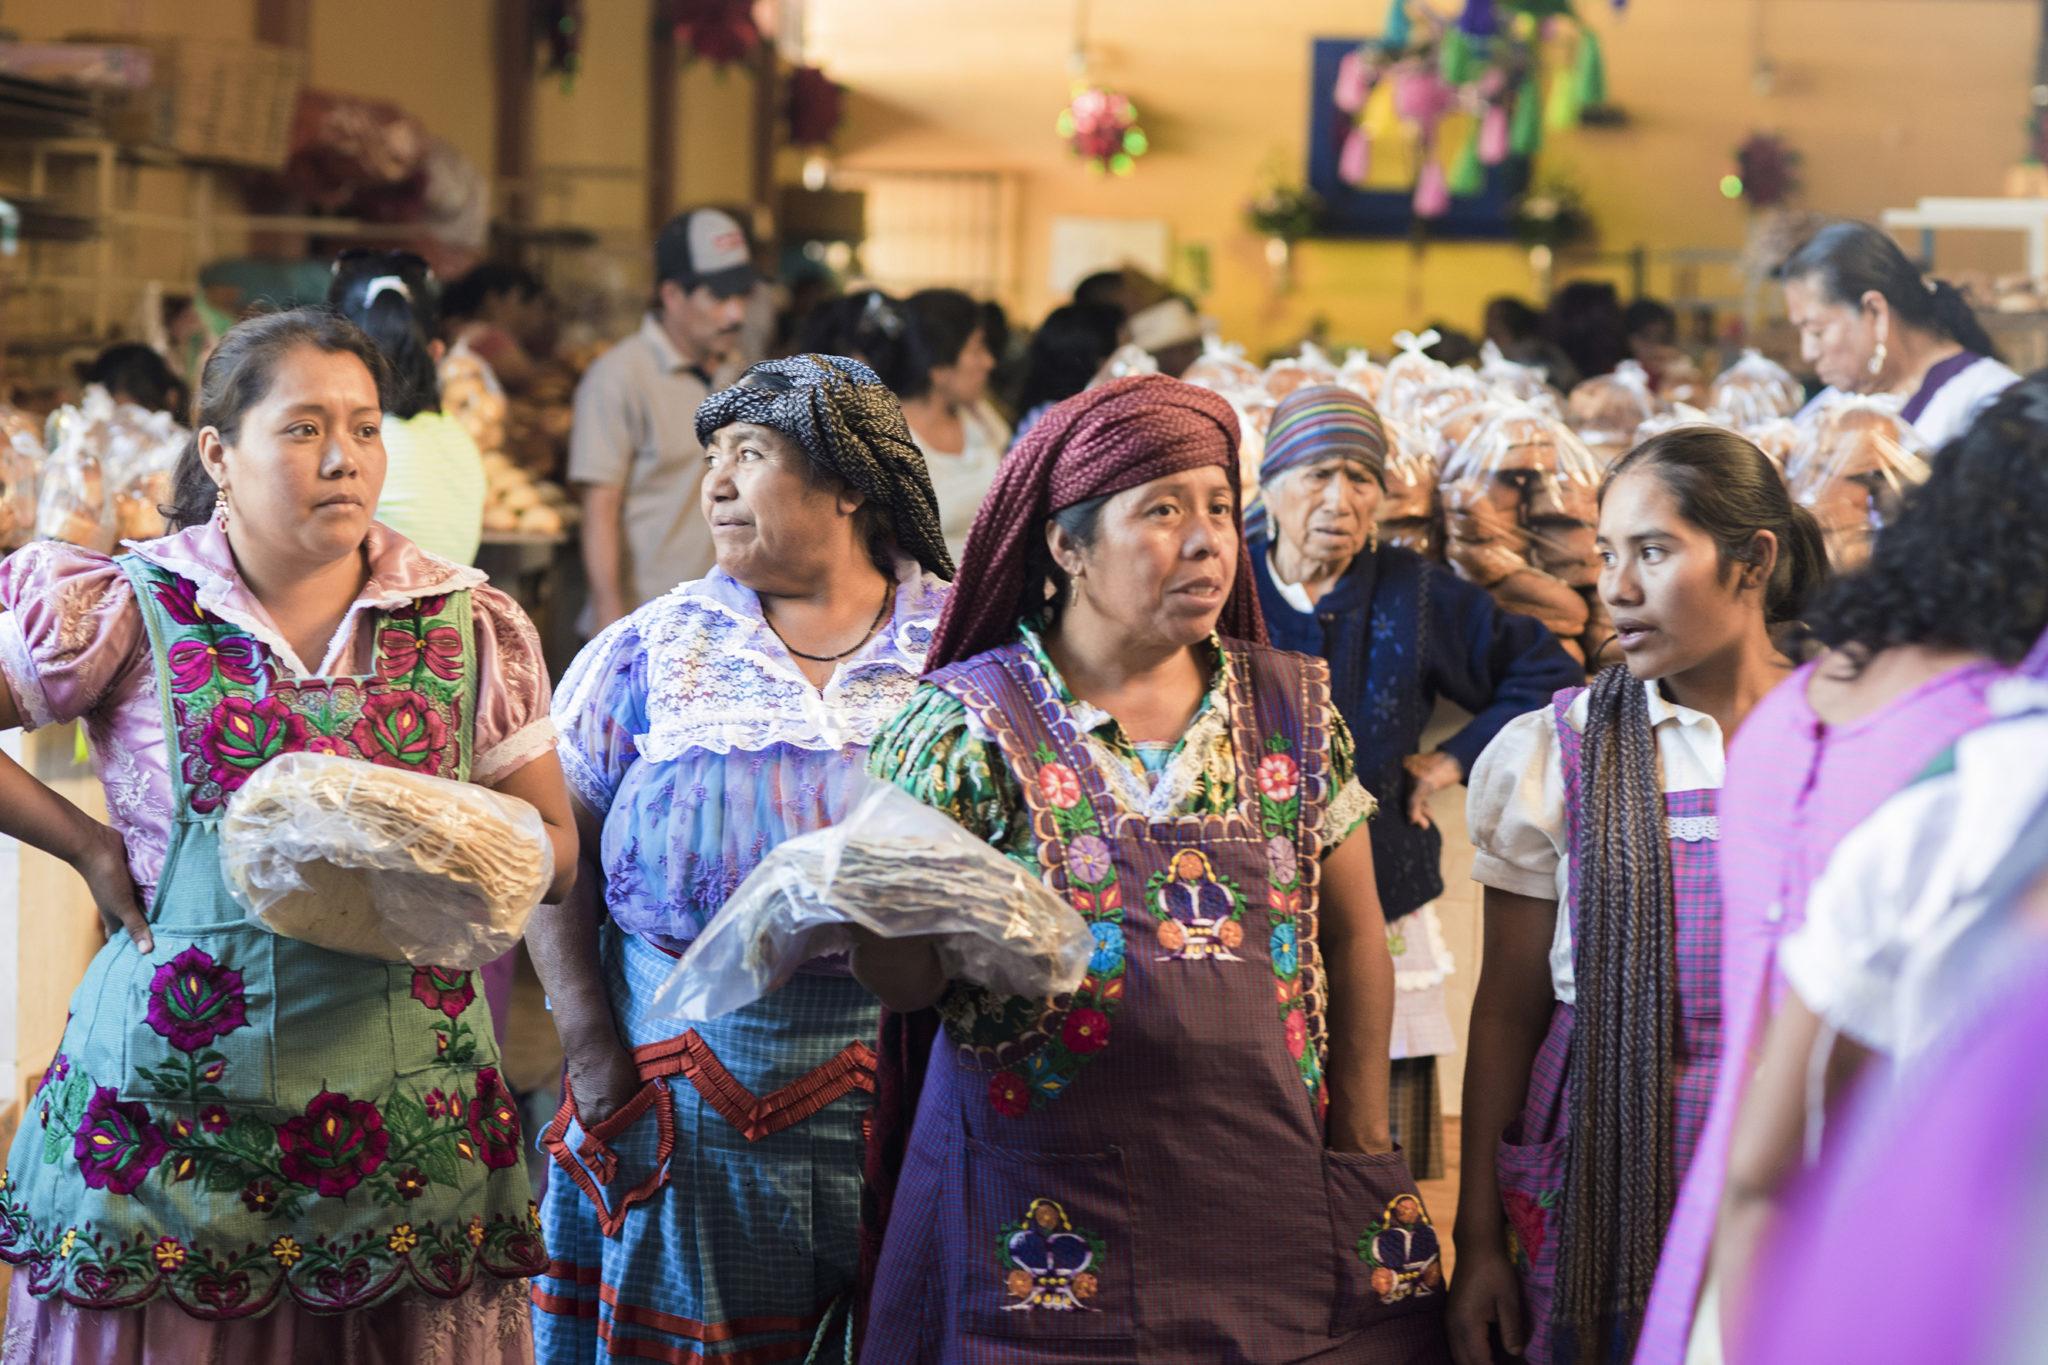 mexico-oaxaca-food-market-locals